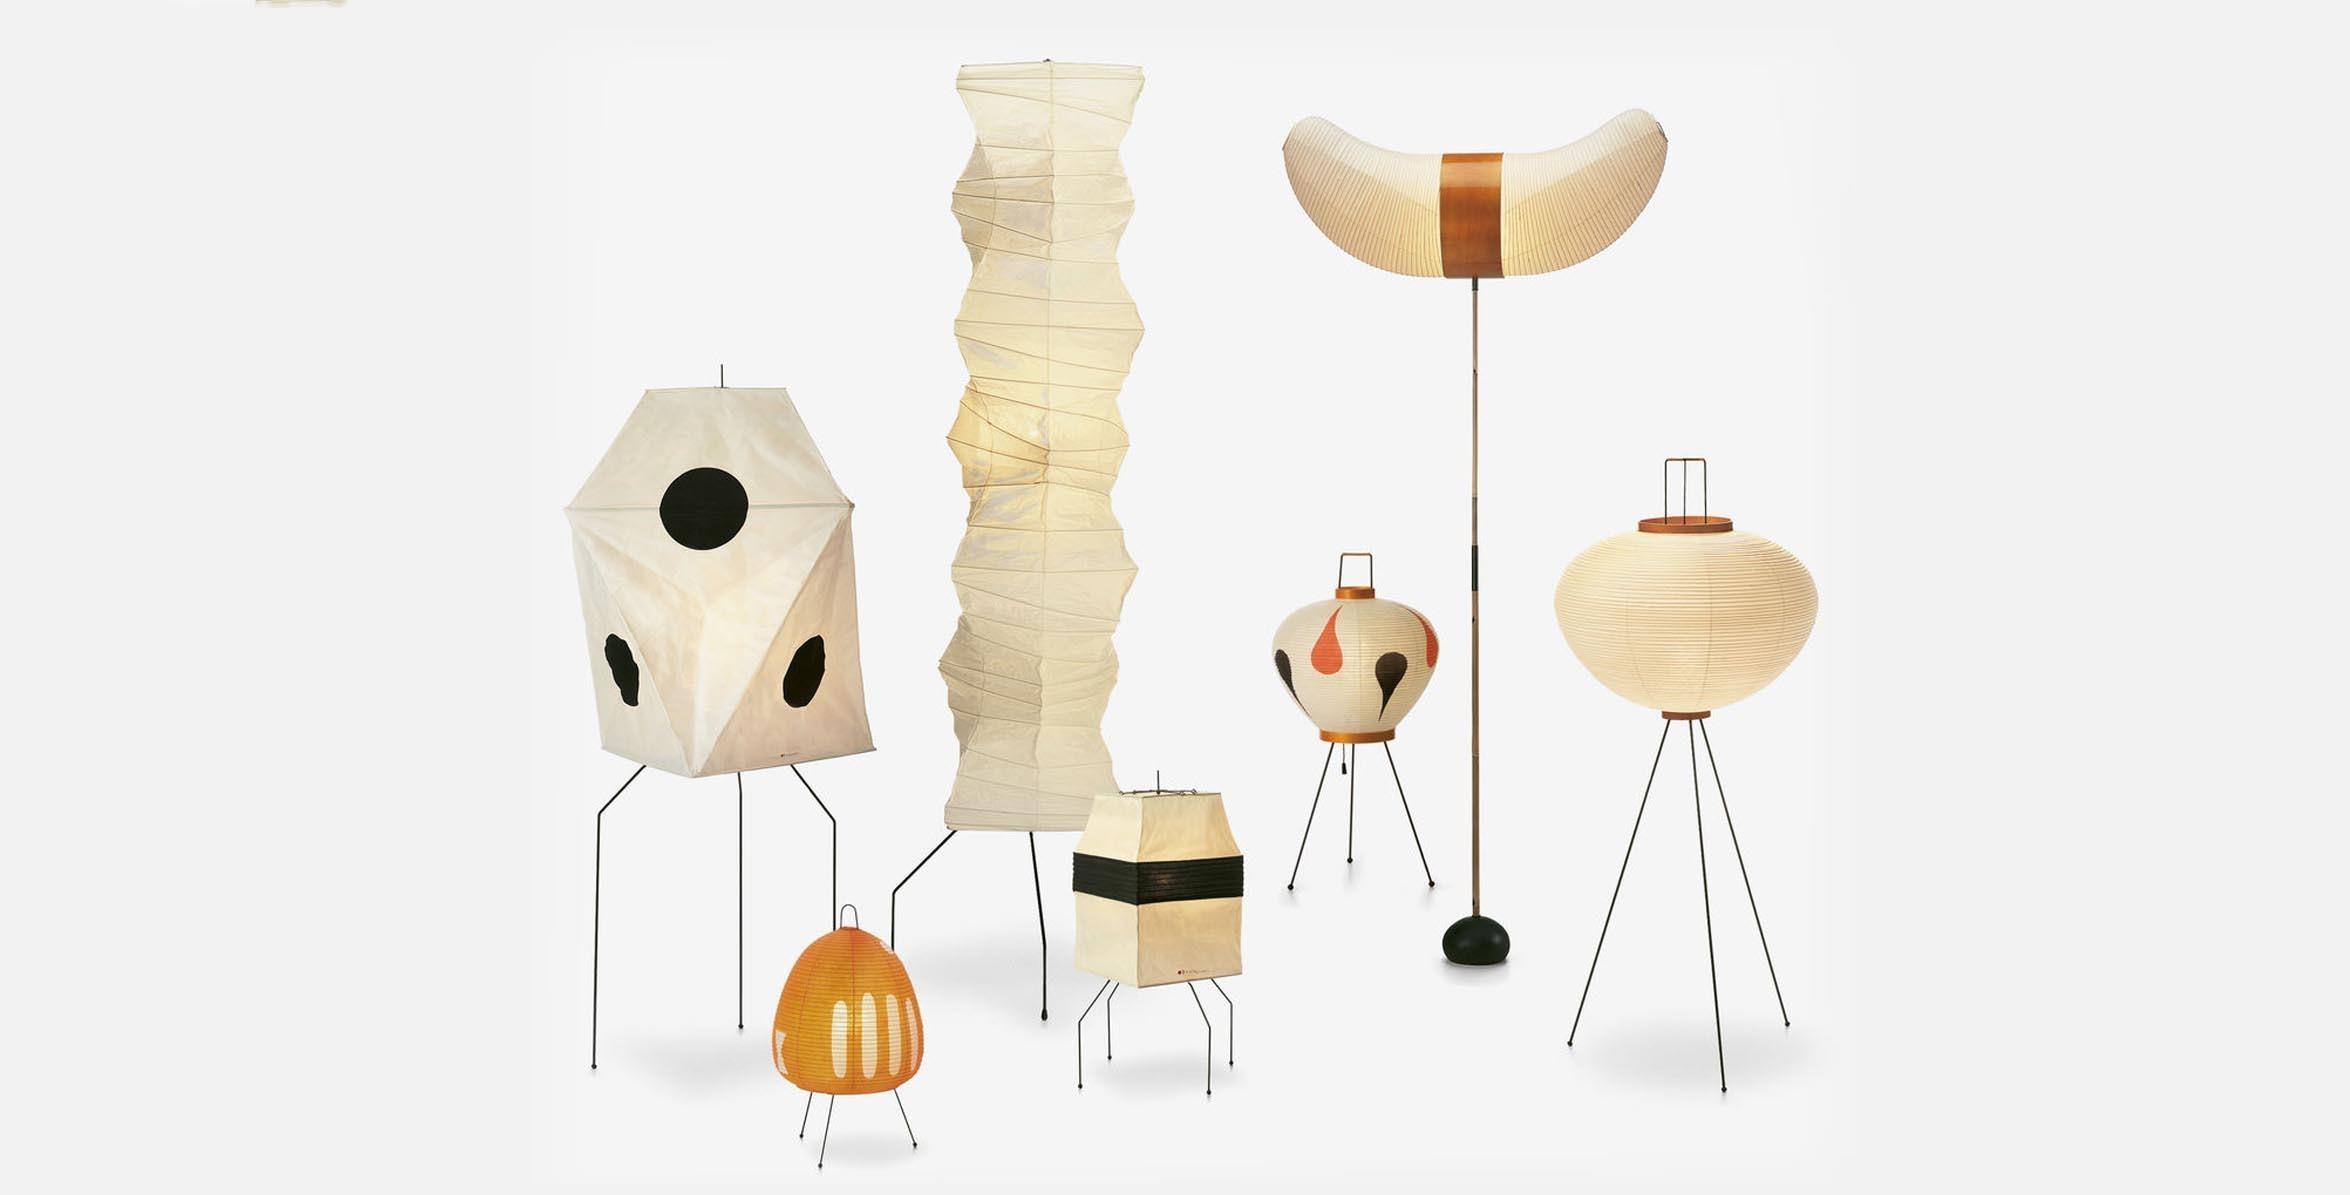 Designer Isamu Noguchi